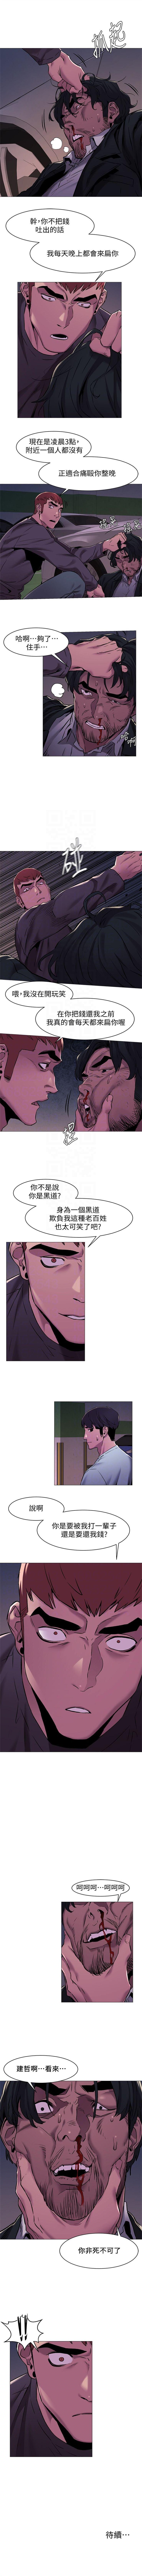 (週5)衝突 1-91 中文翻譯 (更新中) 358